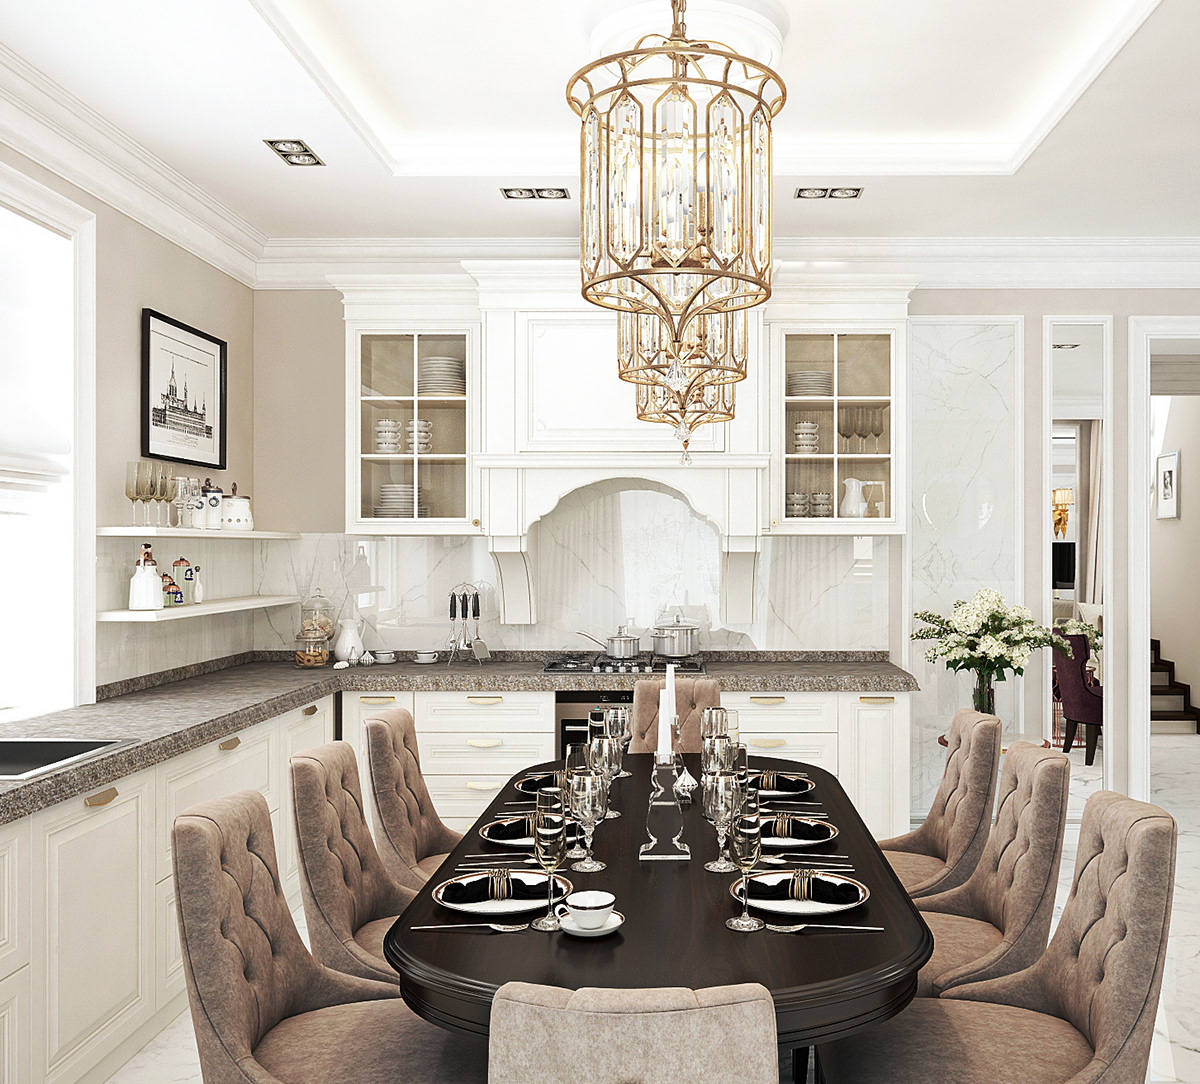 Venda quente luxo macio perto da gaveta de madeira real de quartzo bancada armário de cozinha